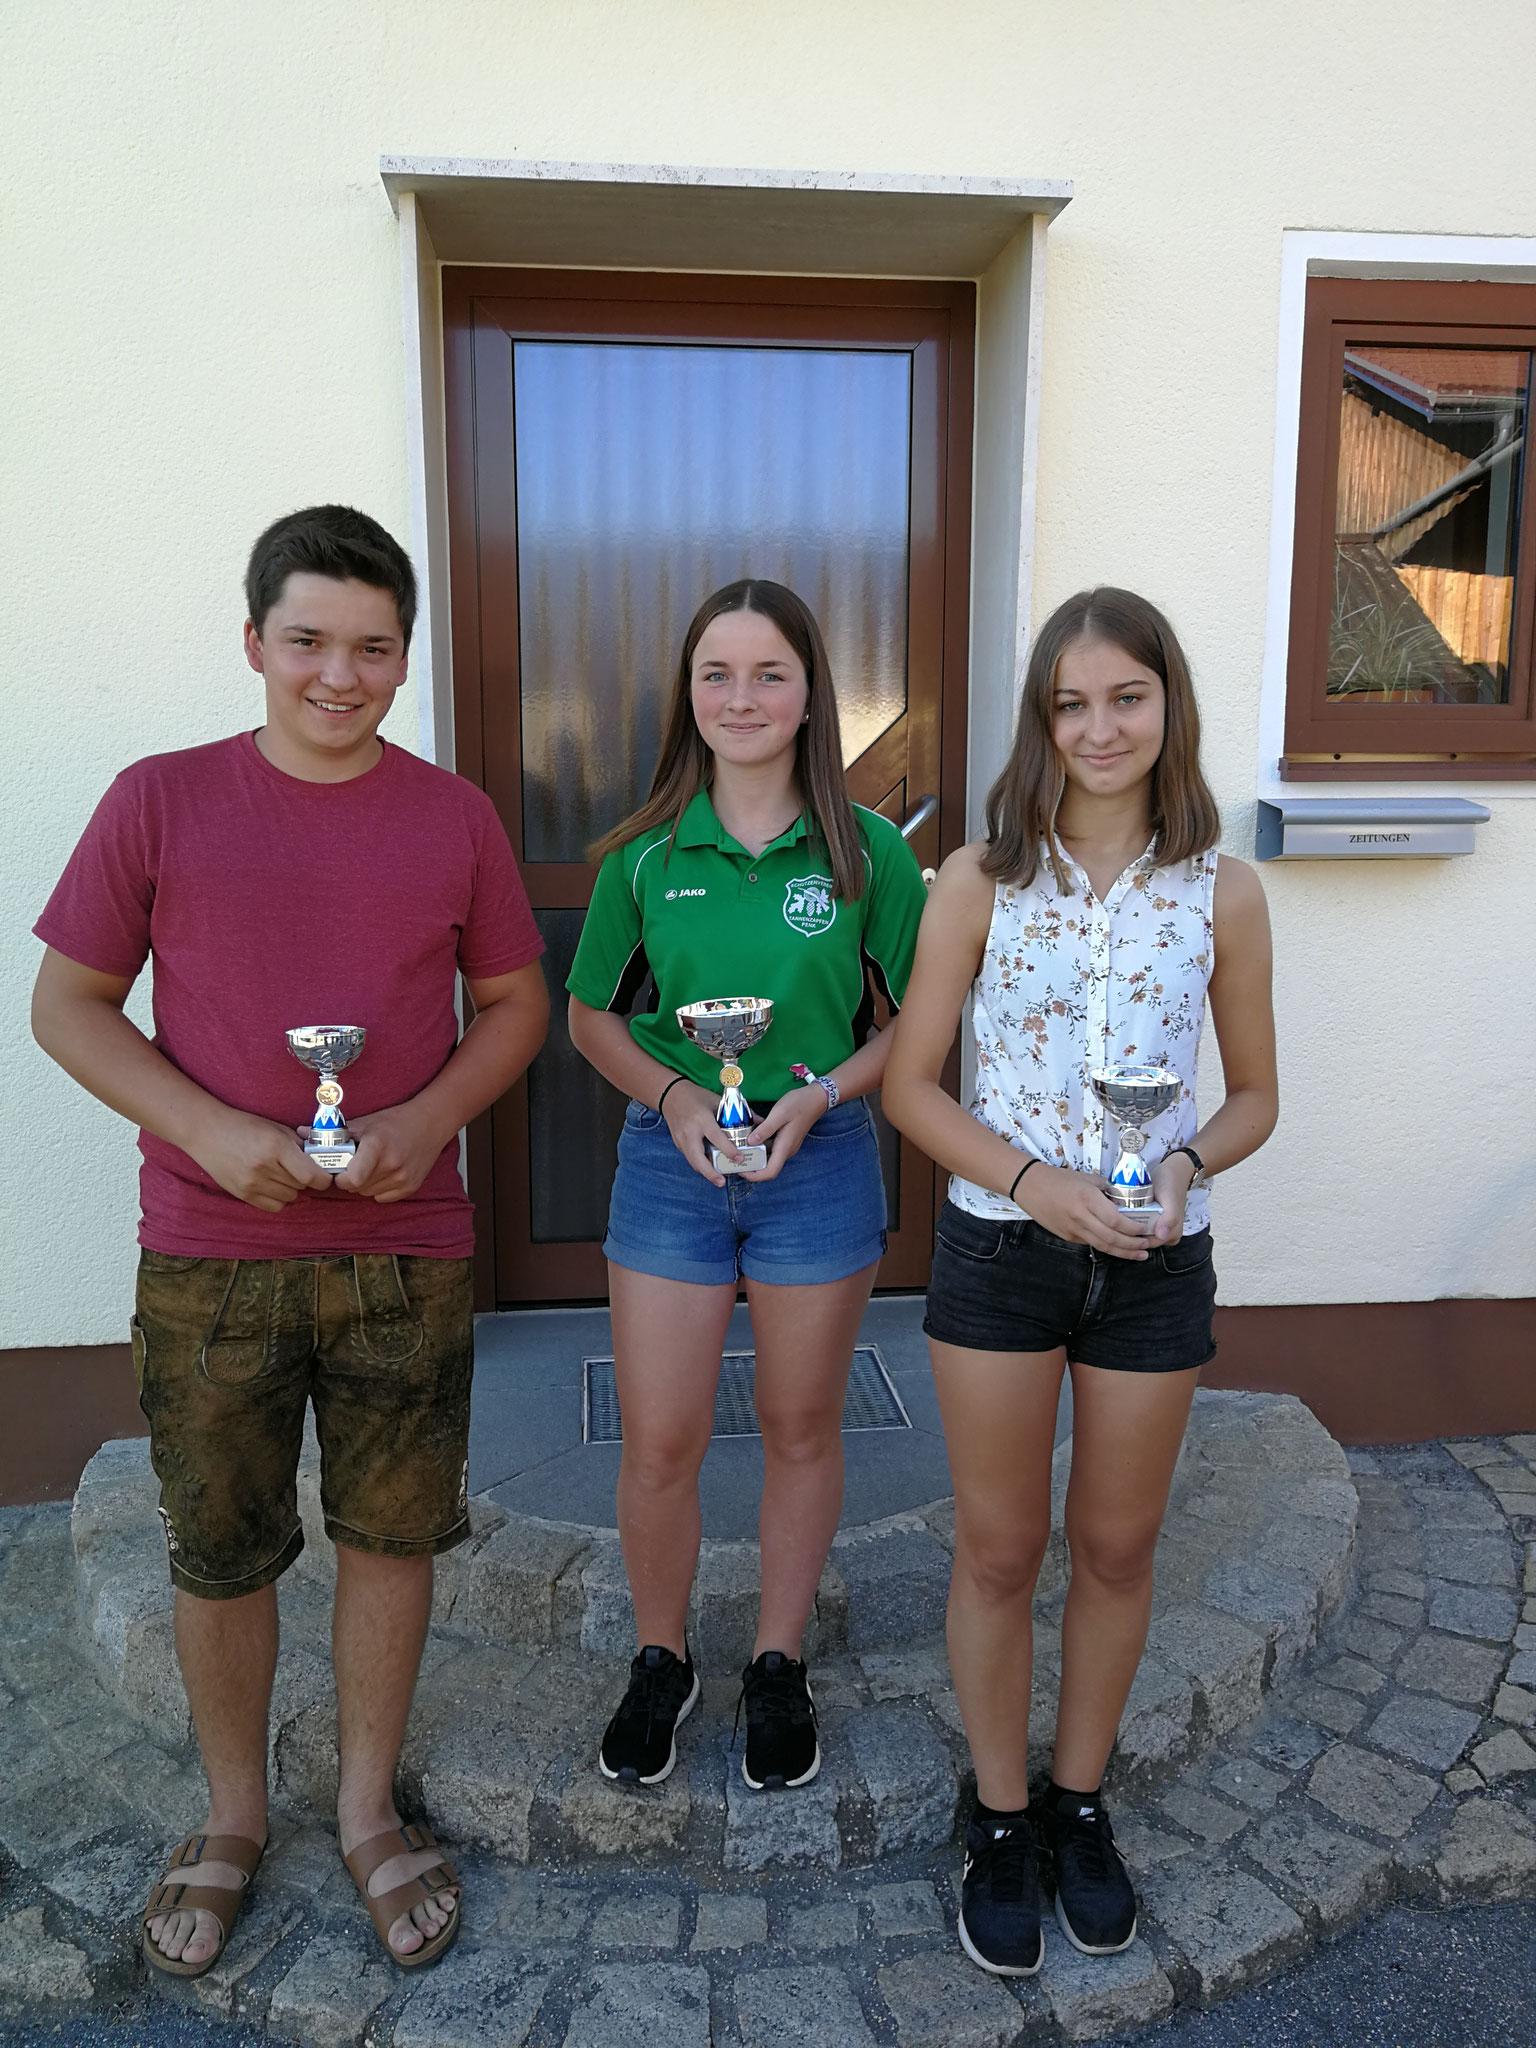 v.l.n.r. 3. Jugendmeister LG Max Hauner, 1. Jugendmeisterin LG Anna Mittermeier, 3. Jugendmeisterin LG Julia Meindl